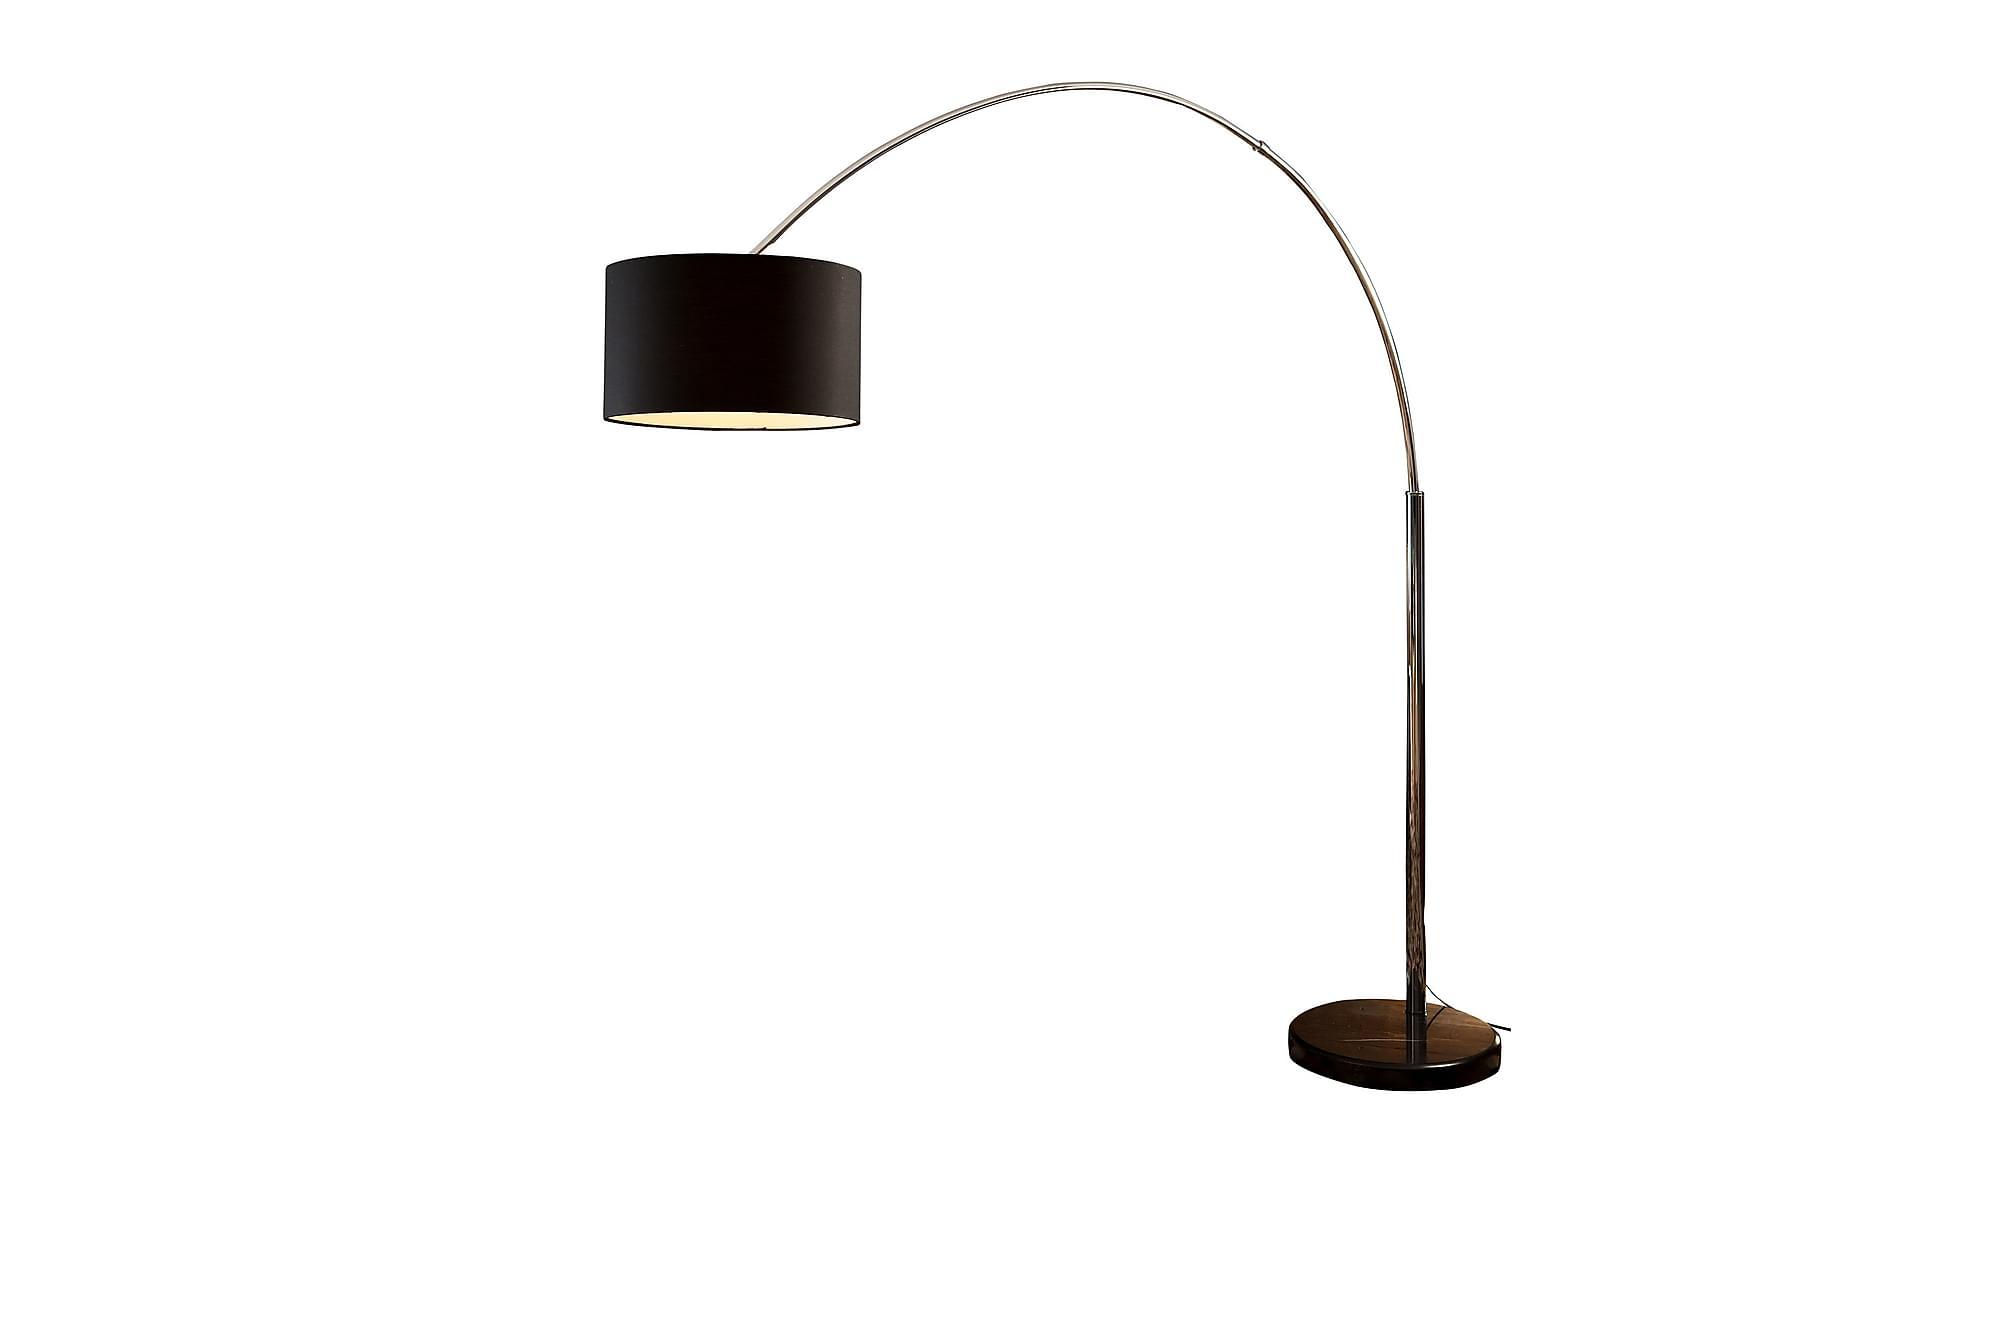 Båglampa 210 cm black, Golvlampor